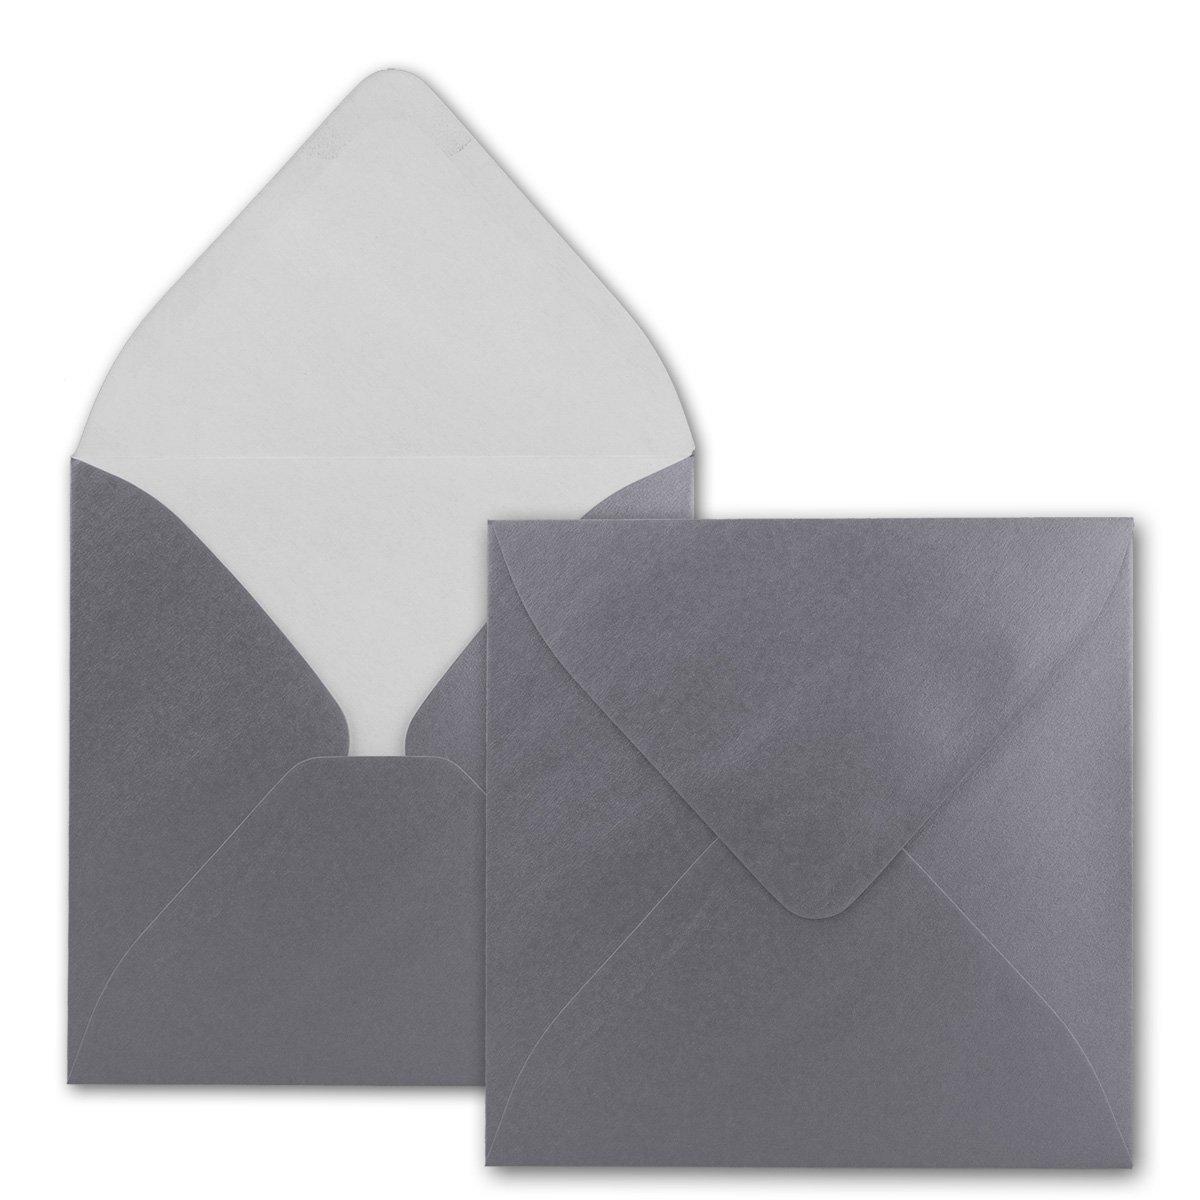 Quadratische Brief-Umschläge - Farbe Farbe Farbe Hochweiss   150 Stück   155 x 155 mm   Nassklebung   Für Einladungen & Hochzeit    Serie FarbenFroh® B07D2GSPZ9 | Clearance Sale  0c127c